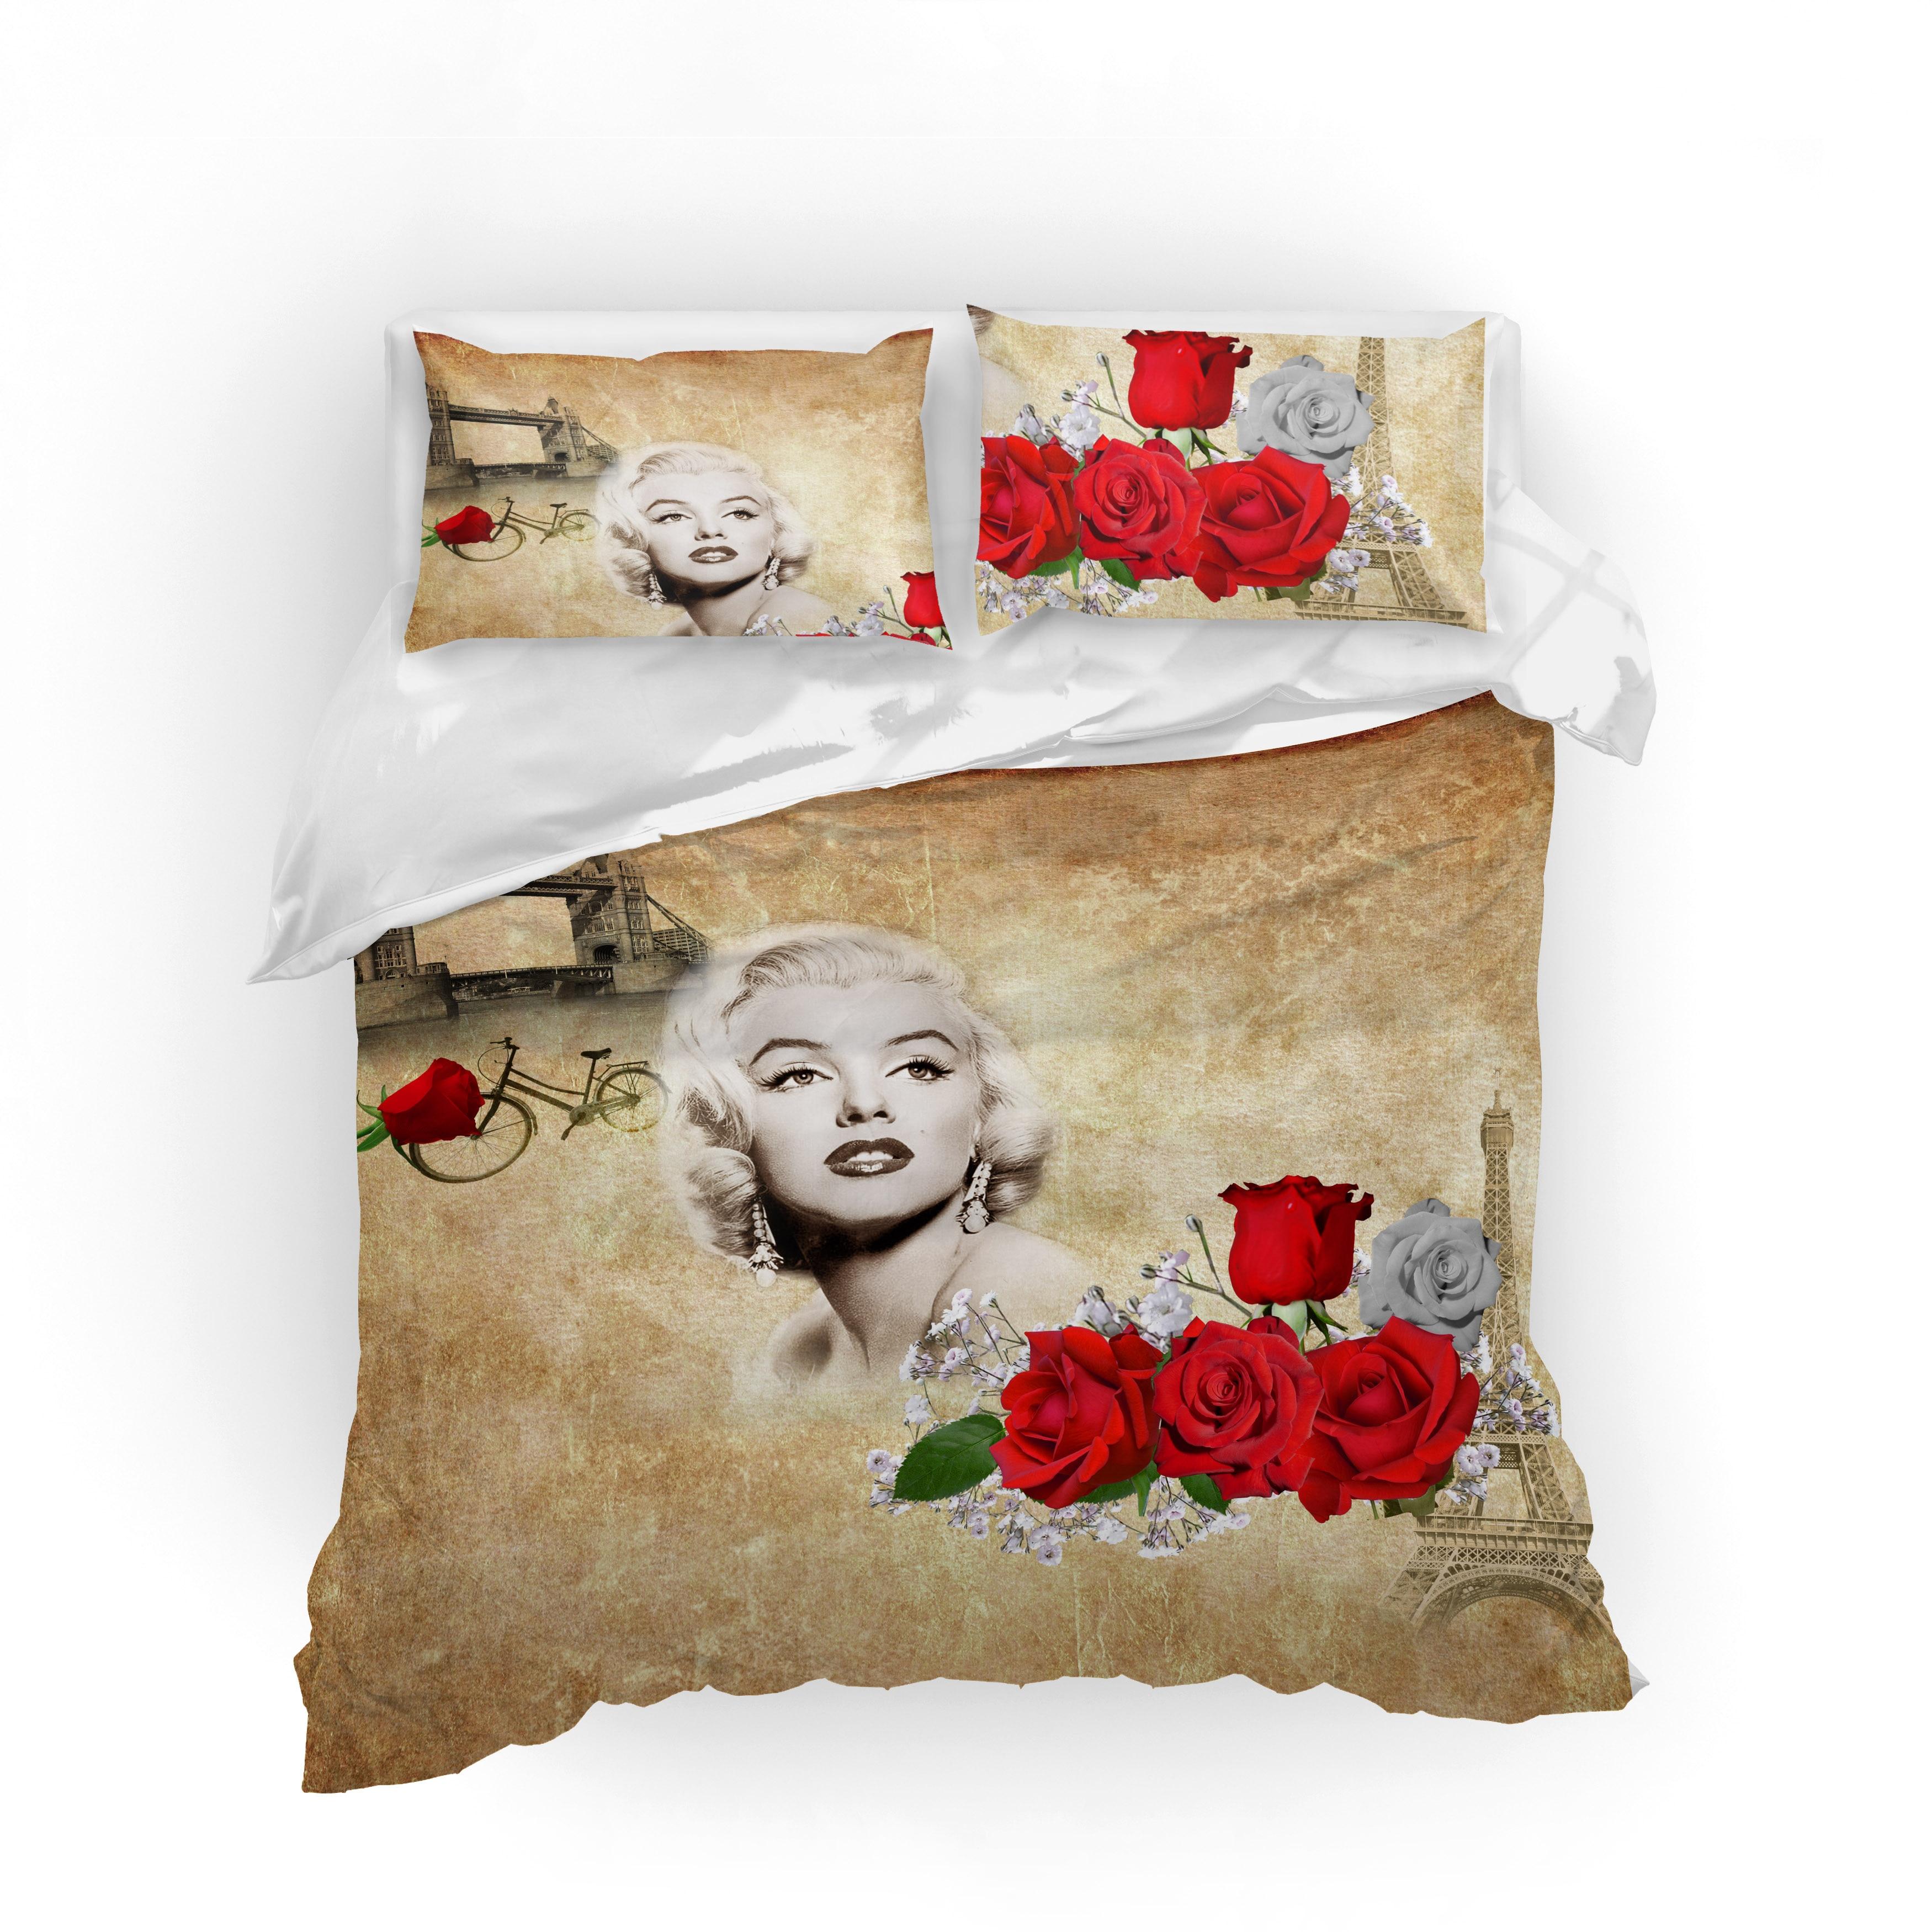 Edredon Marilyn Monroe.Juego De Ropa De Cama De Musolei 3d Conjunto De Edredon De Cama De Marilyn Monroe Conjunto De